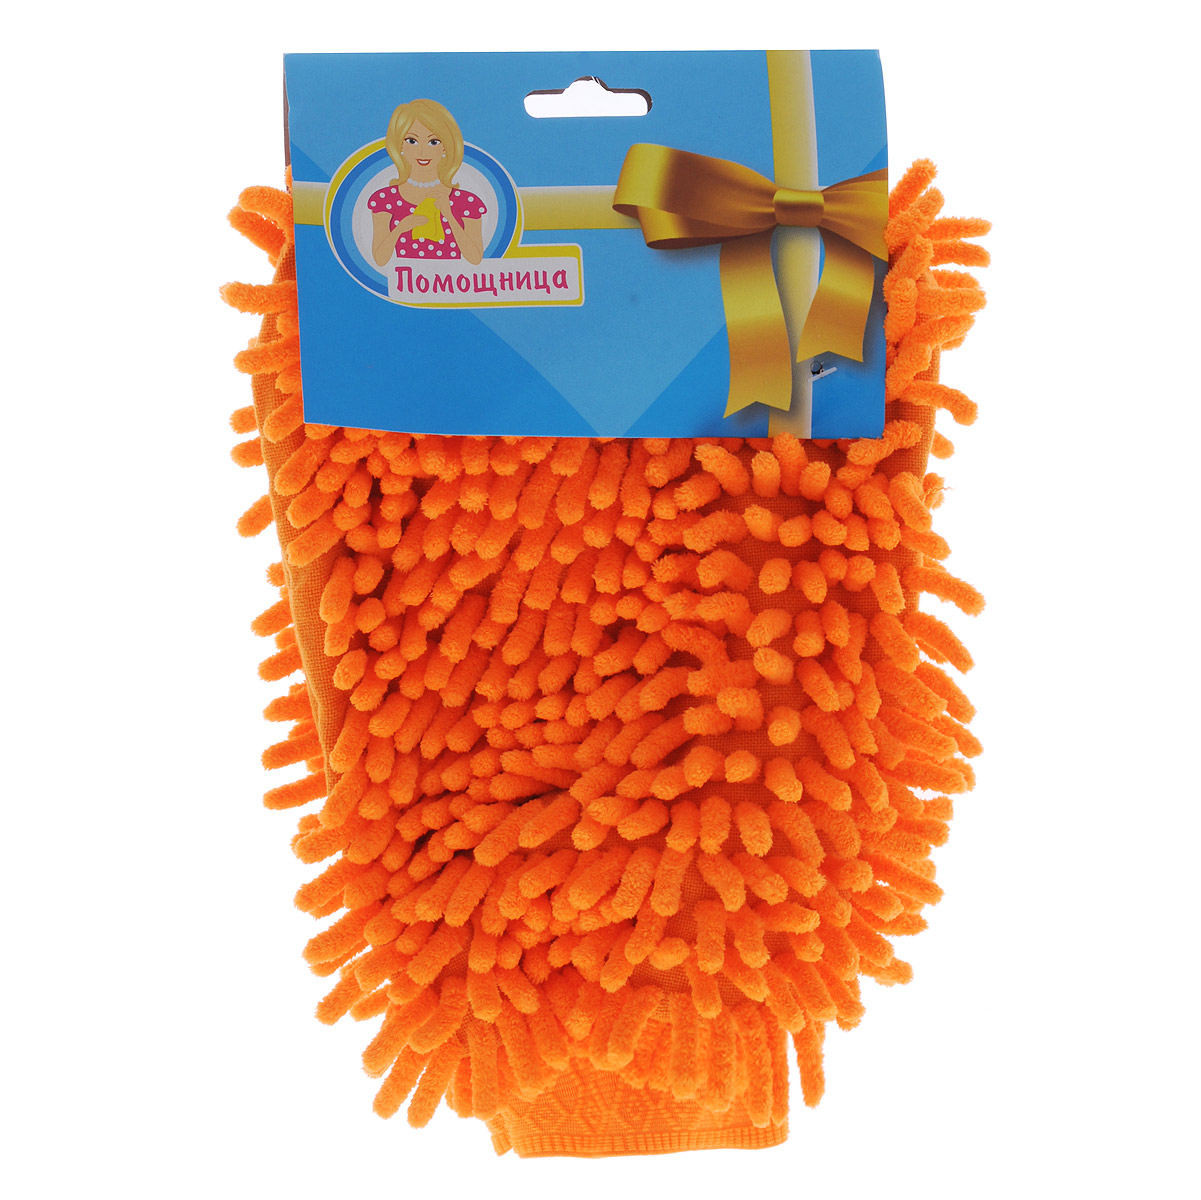 Рукавица для уборки Eva Спагетти, двусторонняя, цвет: оранжевый, 26 см х 19 смK100Двусторонняя рукавица Eva Спагетти, изготовленная из микрофибры (полиэстера, полиамида), легко удаляет пыль, деликатно моет поверхности, мягко удаляет сильные загрязнения, применяется как в сухом, так и во влажном виде. Рукавица удобно держится на руке и великолепно впитывает воду. Идеально подходит для уборки, как в доме, так и в автомобиле.